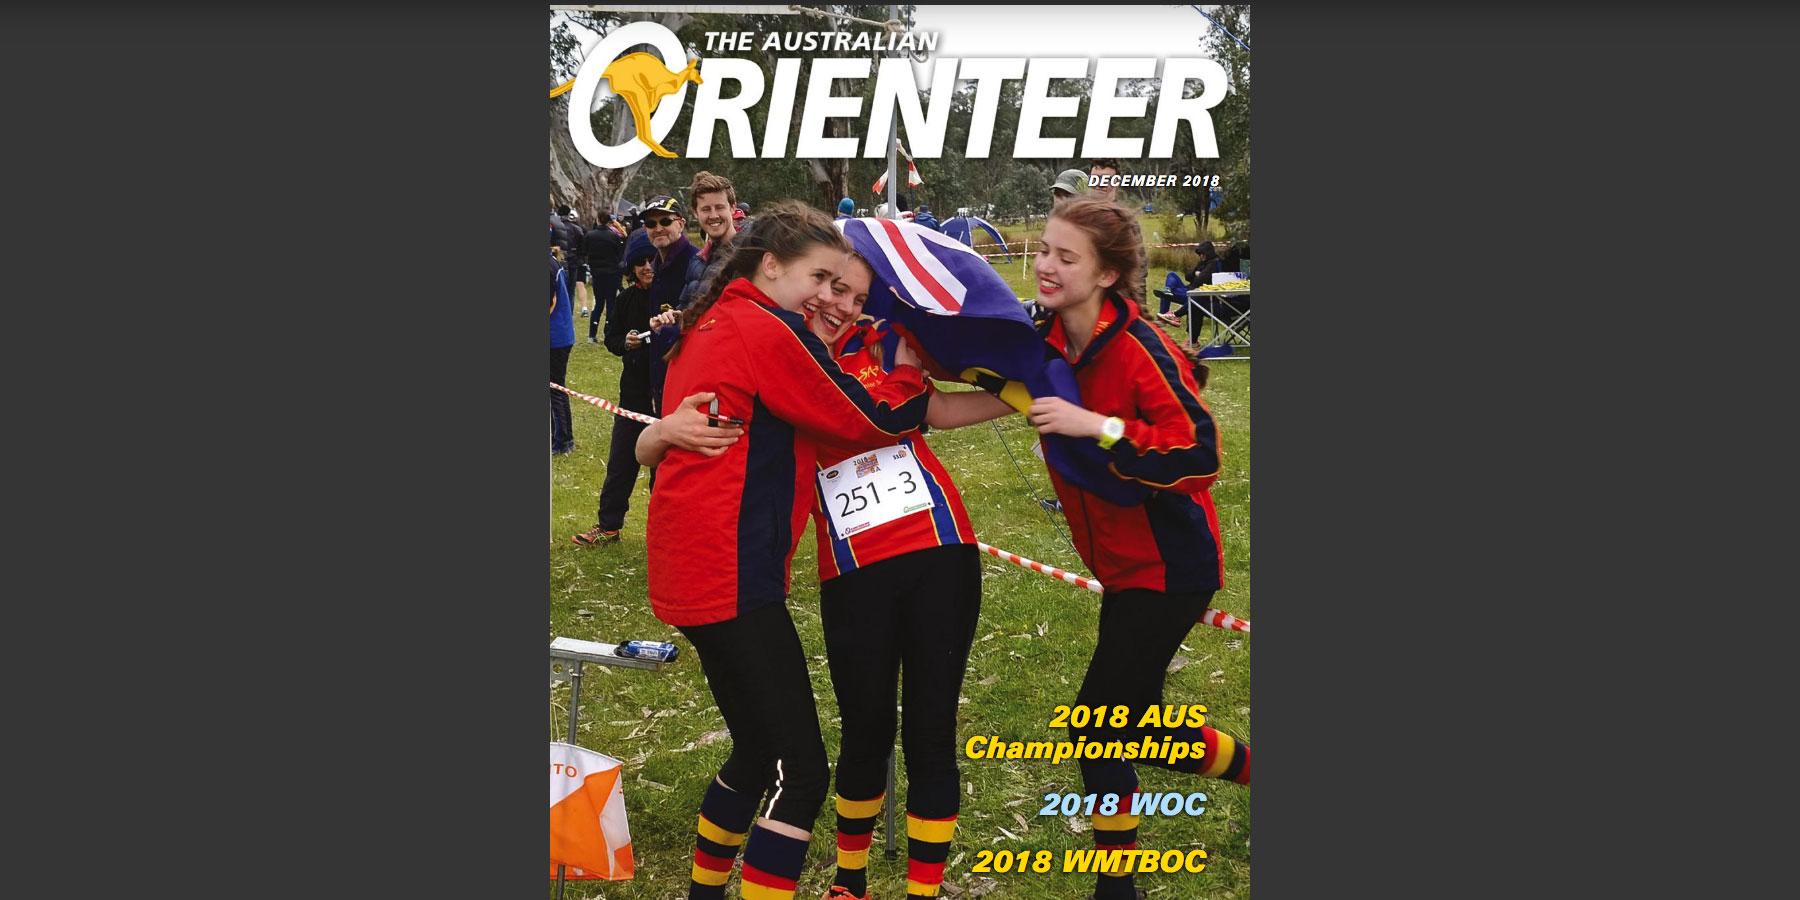 Australian Orienteer - Dec 2018